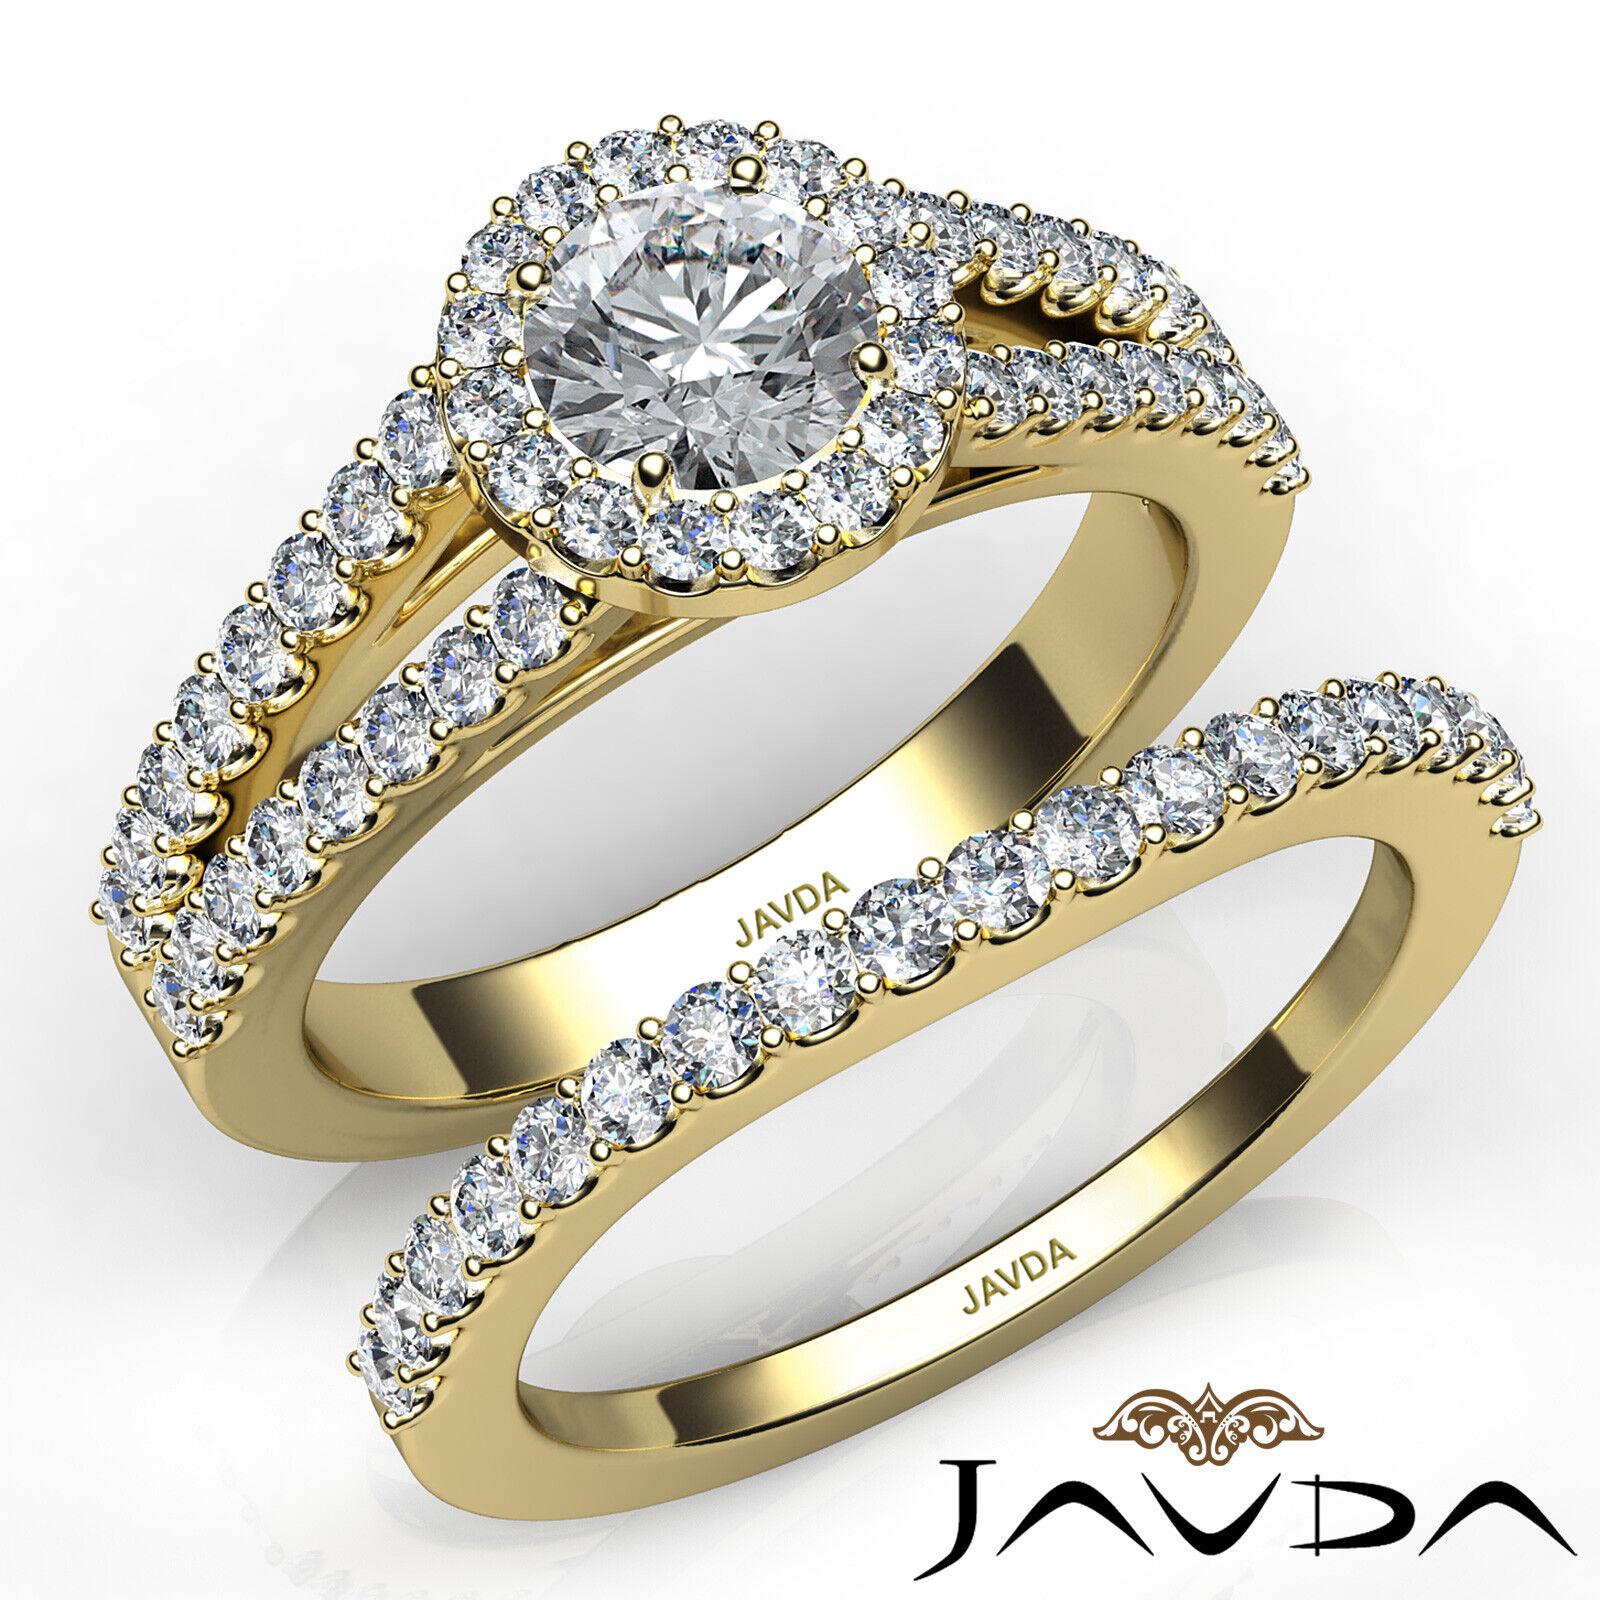 1.65ctw Luxurious Wedding Bridal Round Diamond Engagement Ring GIA E-VVS2 W Gold 8